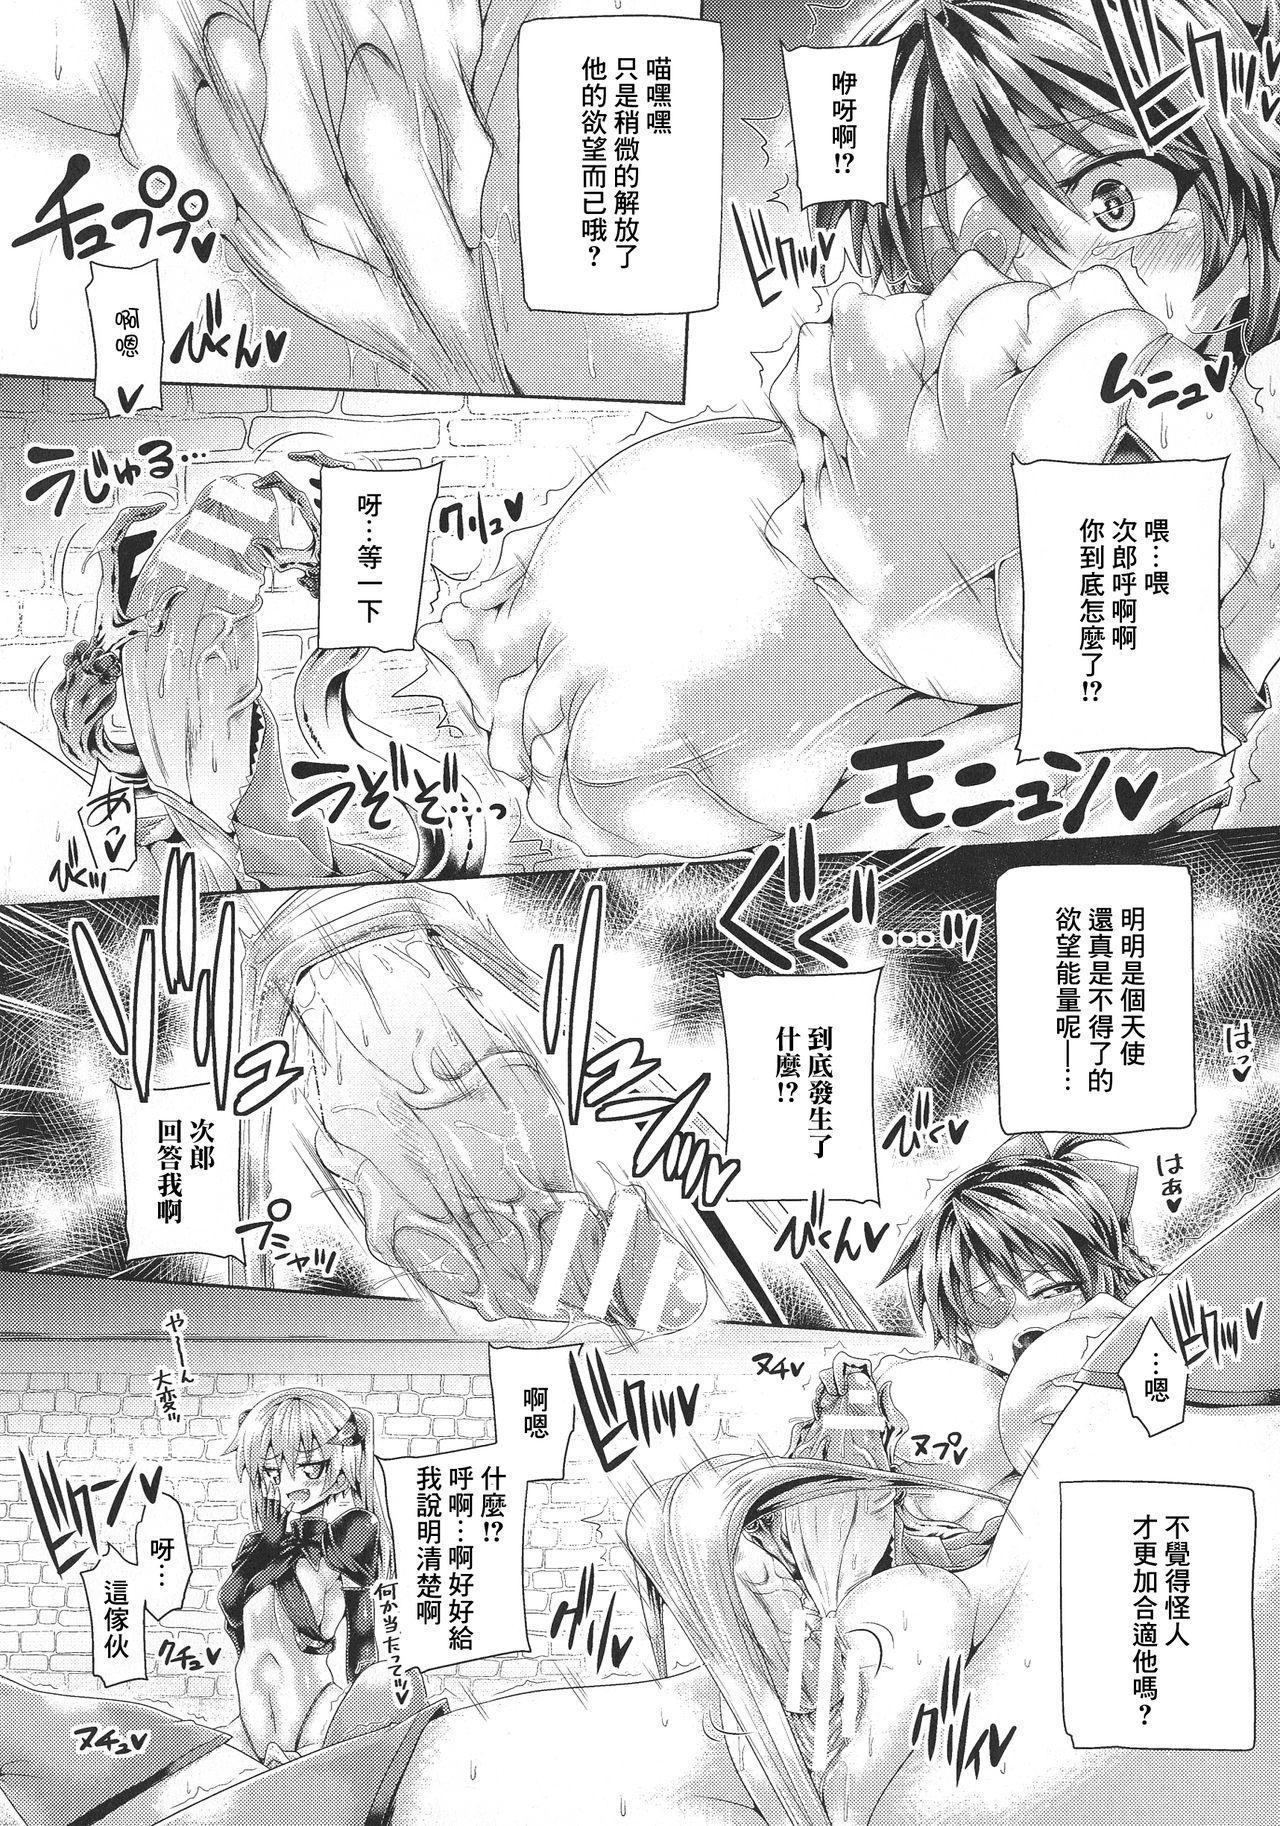 Futanari Gal Brave - Tsuiteru Gal Yuusha Isekai no ji ni Botsu 184